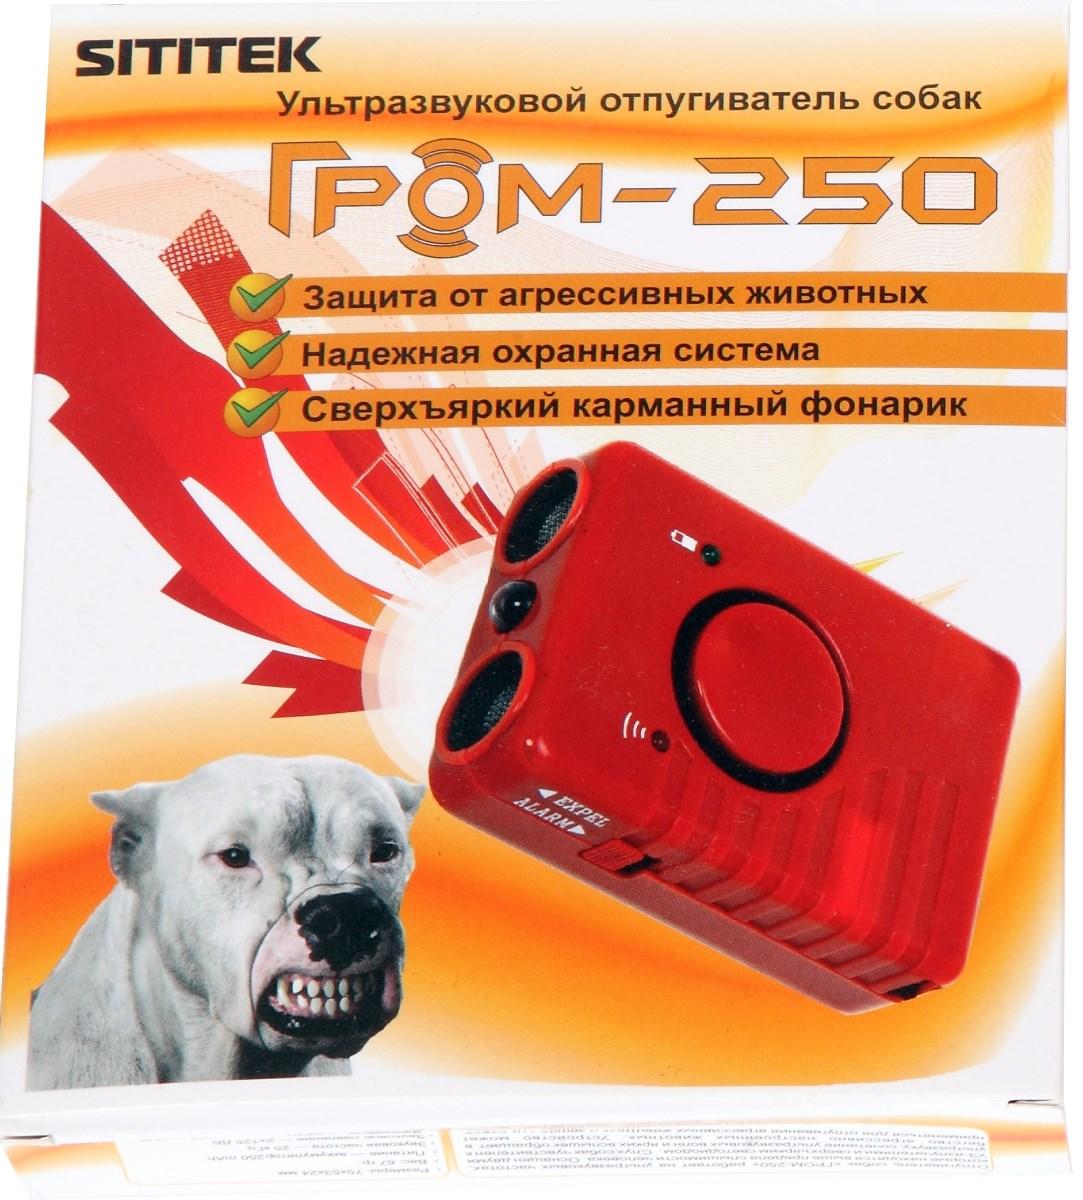 Отпугиватель собак марки гром-250 торнадо 400 отпугиватель грызун